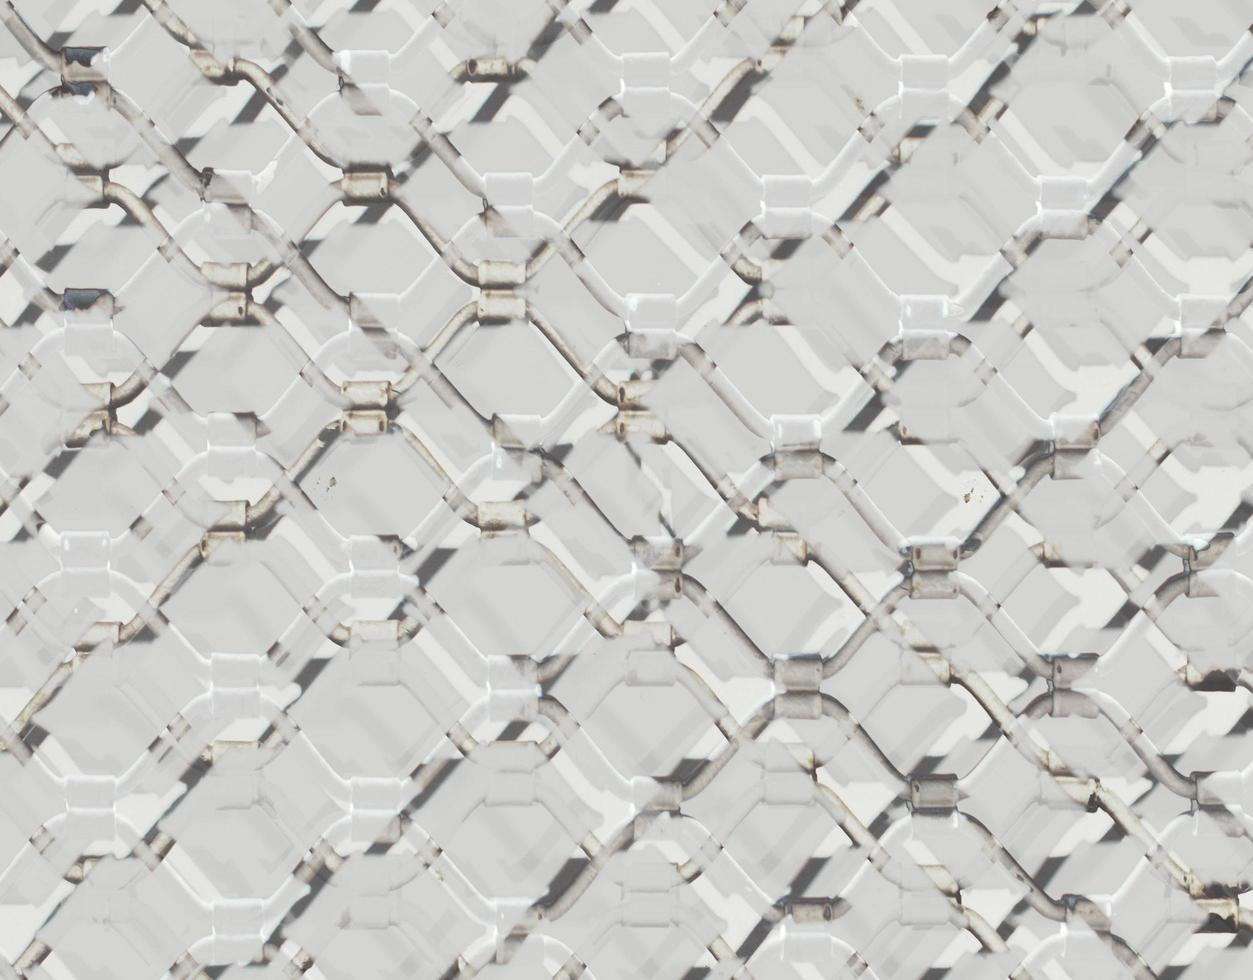 abstrakt grind stål konsistens foto